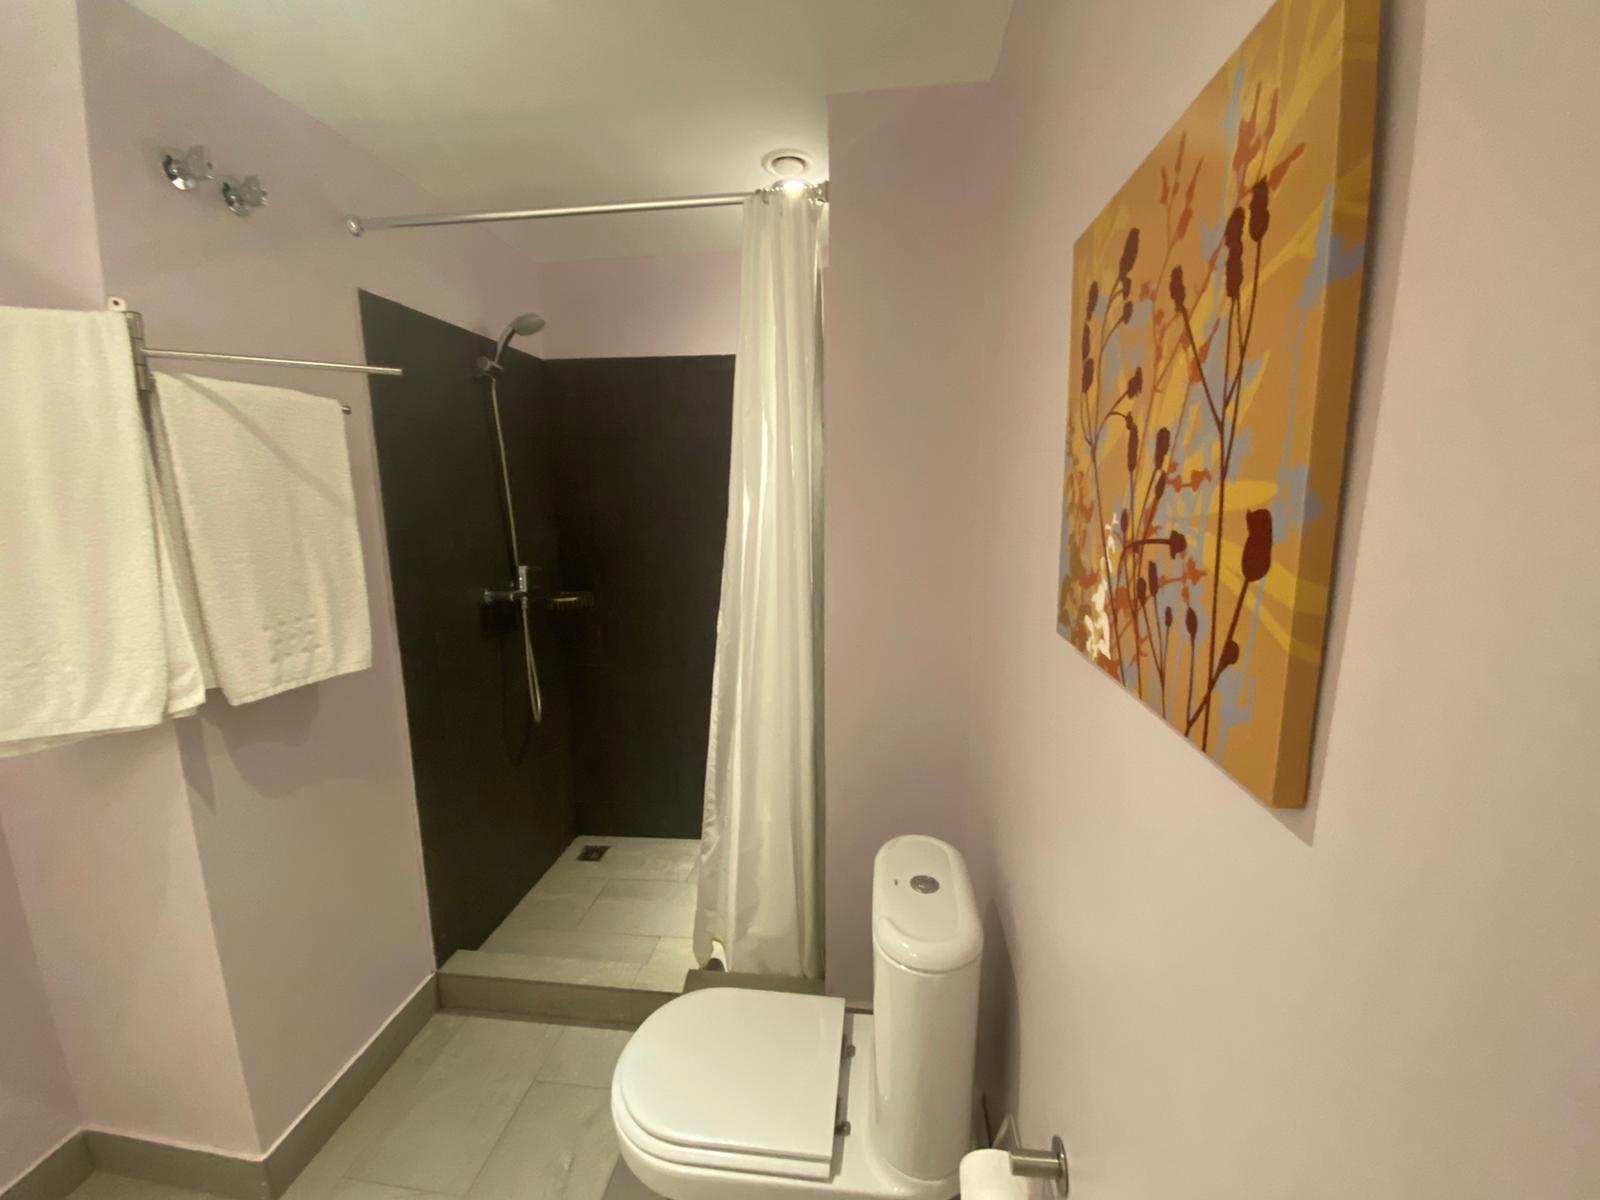 Imagen 26 del Apartamento Turístico, Ático 7 Levante (3d +2b), Punta del Moral (HUELVA), Paseo de la Cruz nº22